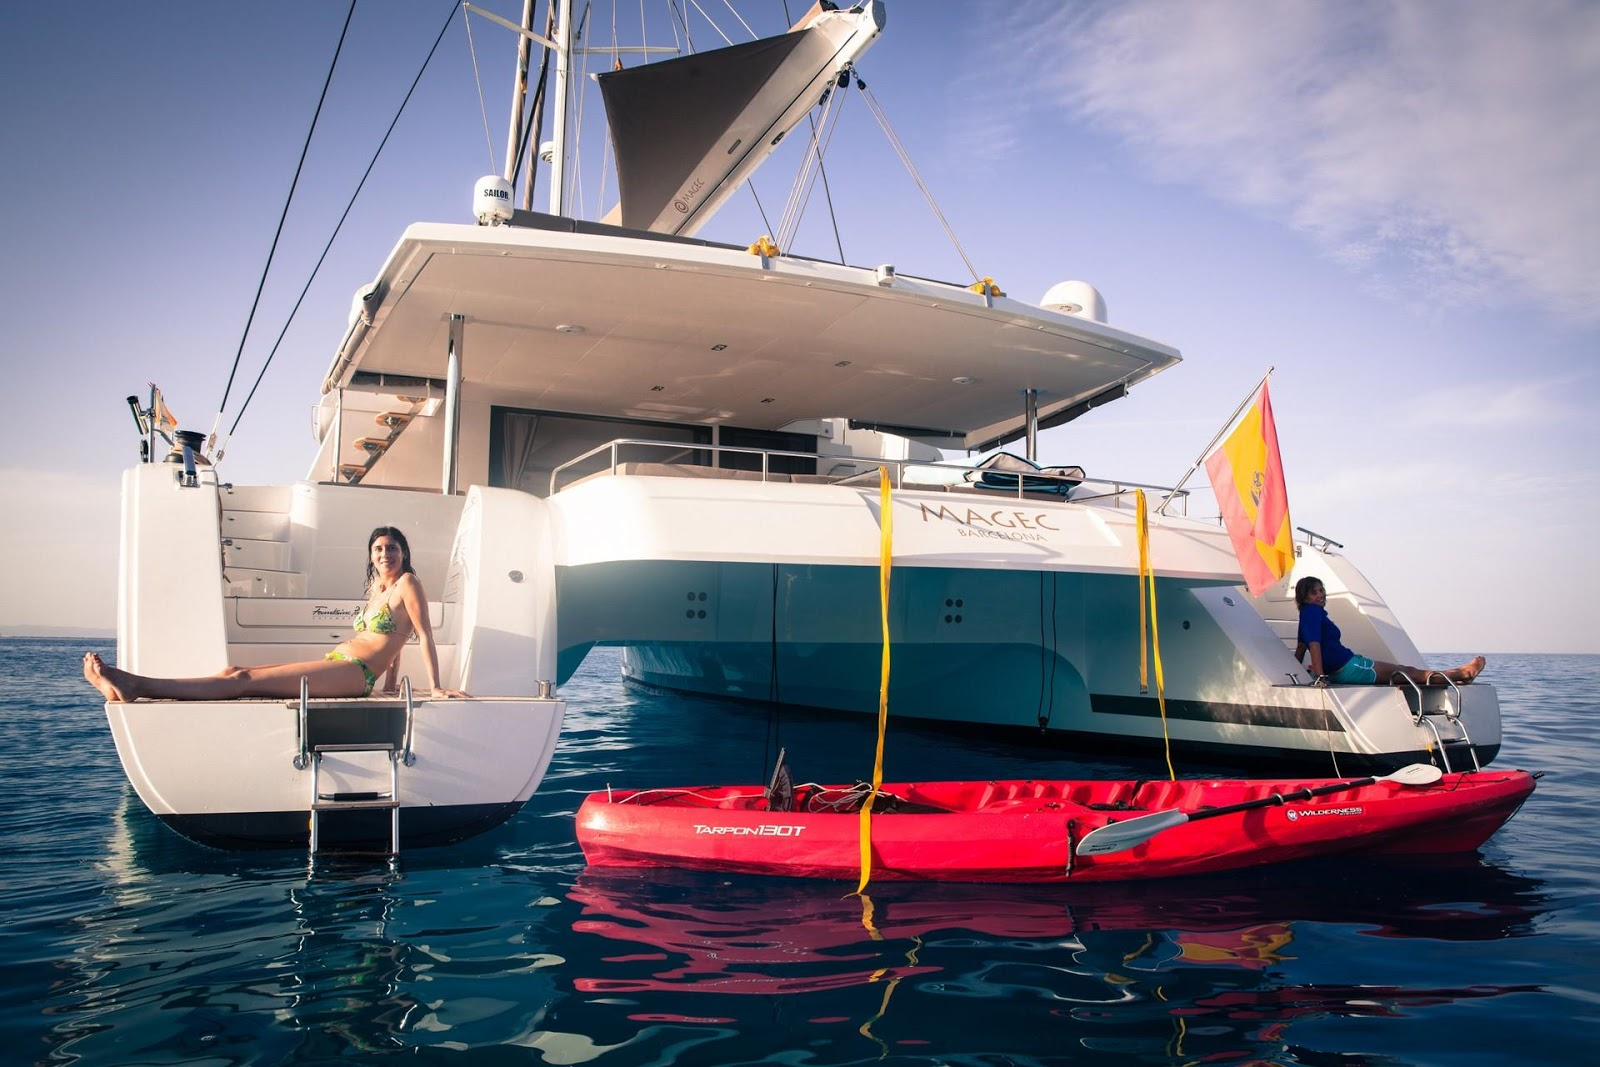 alquiler de veleros en ibiza. alquiler de catamaranes en ibiza. alquilar un velero en ibiza. alquilar un catamarán en ibiza. alquilar velero en ibiza